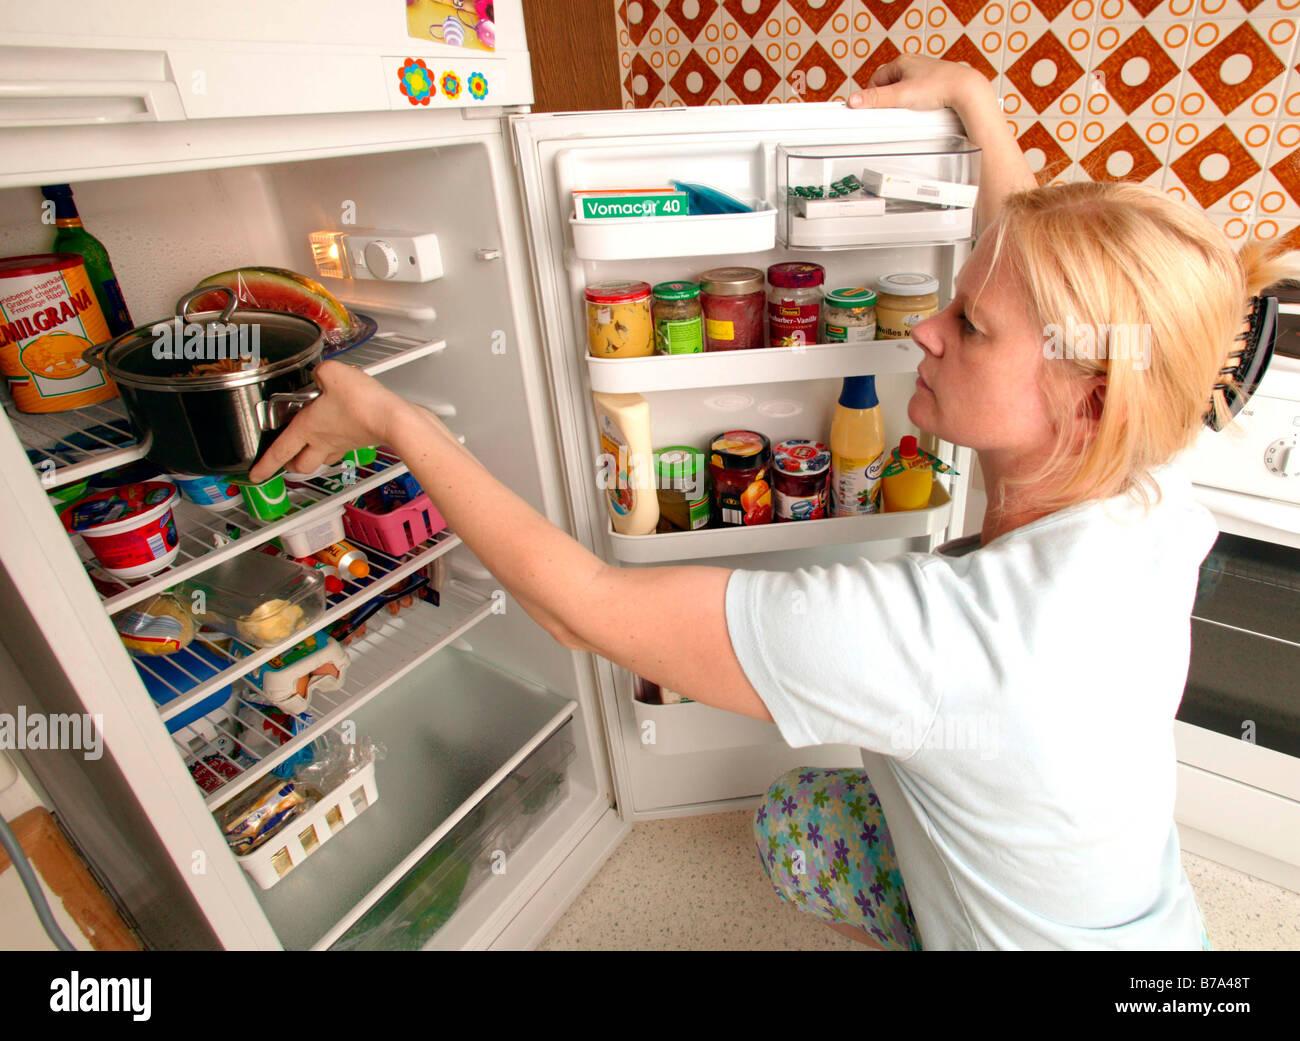 Kühlschrank Krug : Frau lebensmittel in den kühlschrank in der küche stockfoto bild